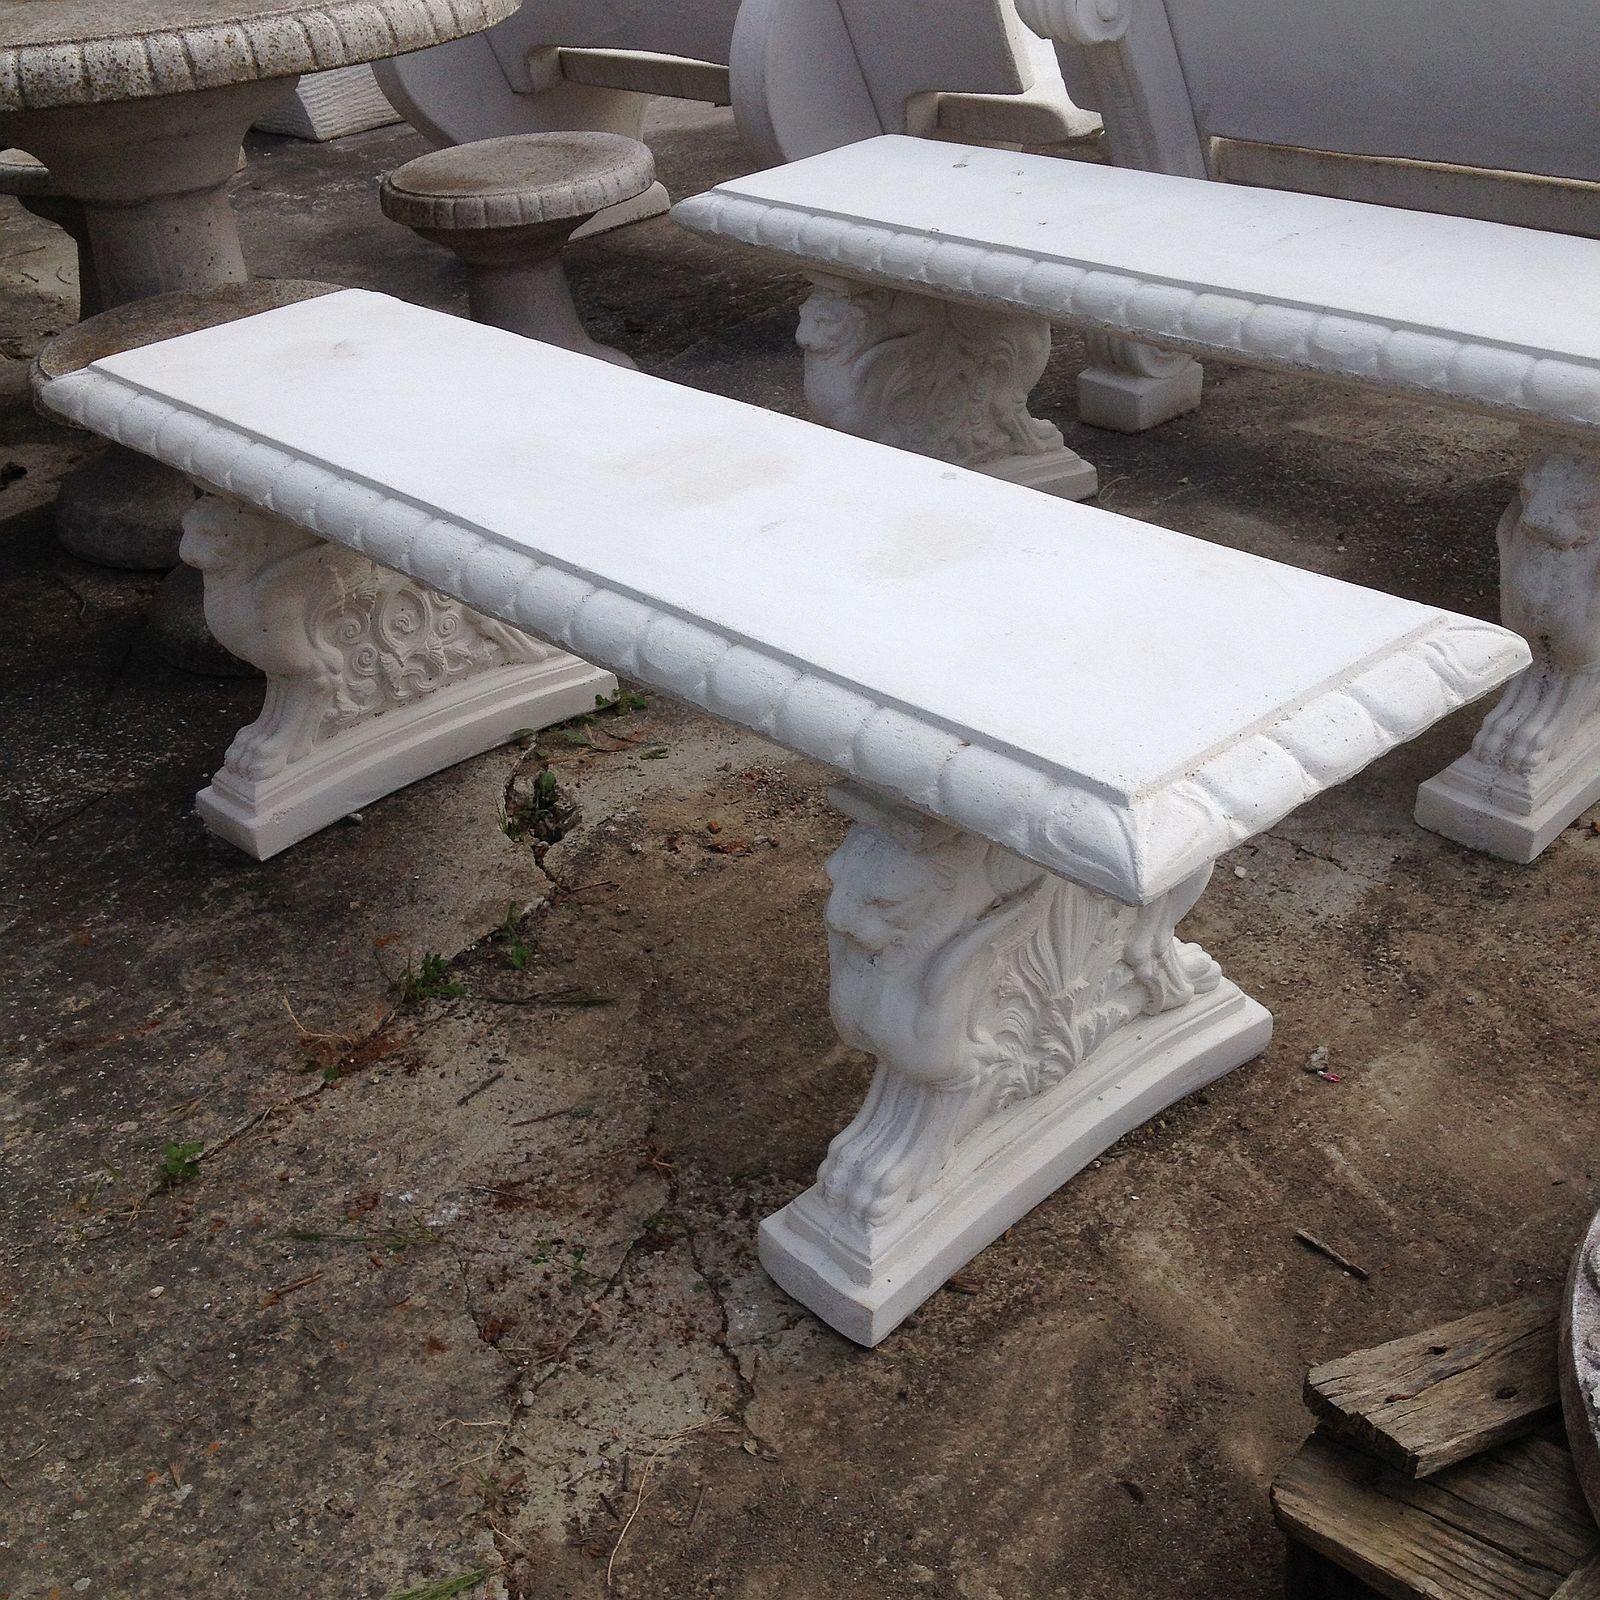 Panchine In Cemento Da Esterno.160 Panchina Lavorata Senza Schienale In Cemento E Marmo Cm